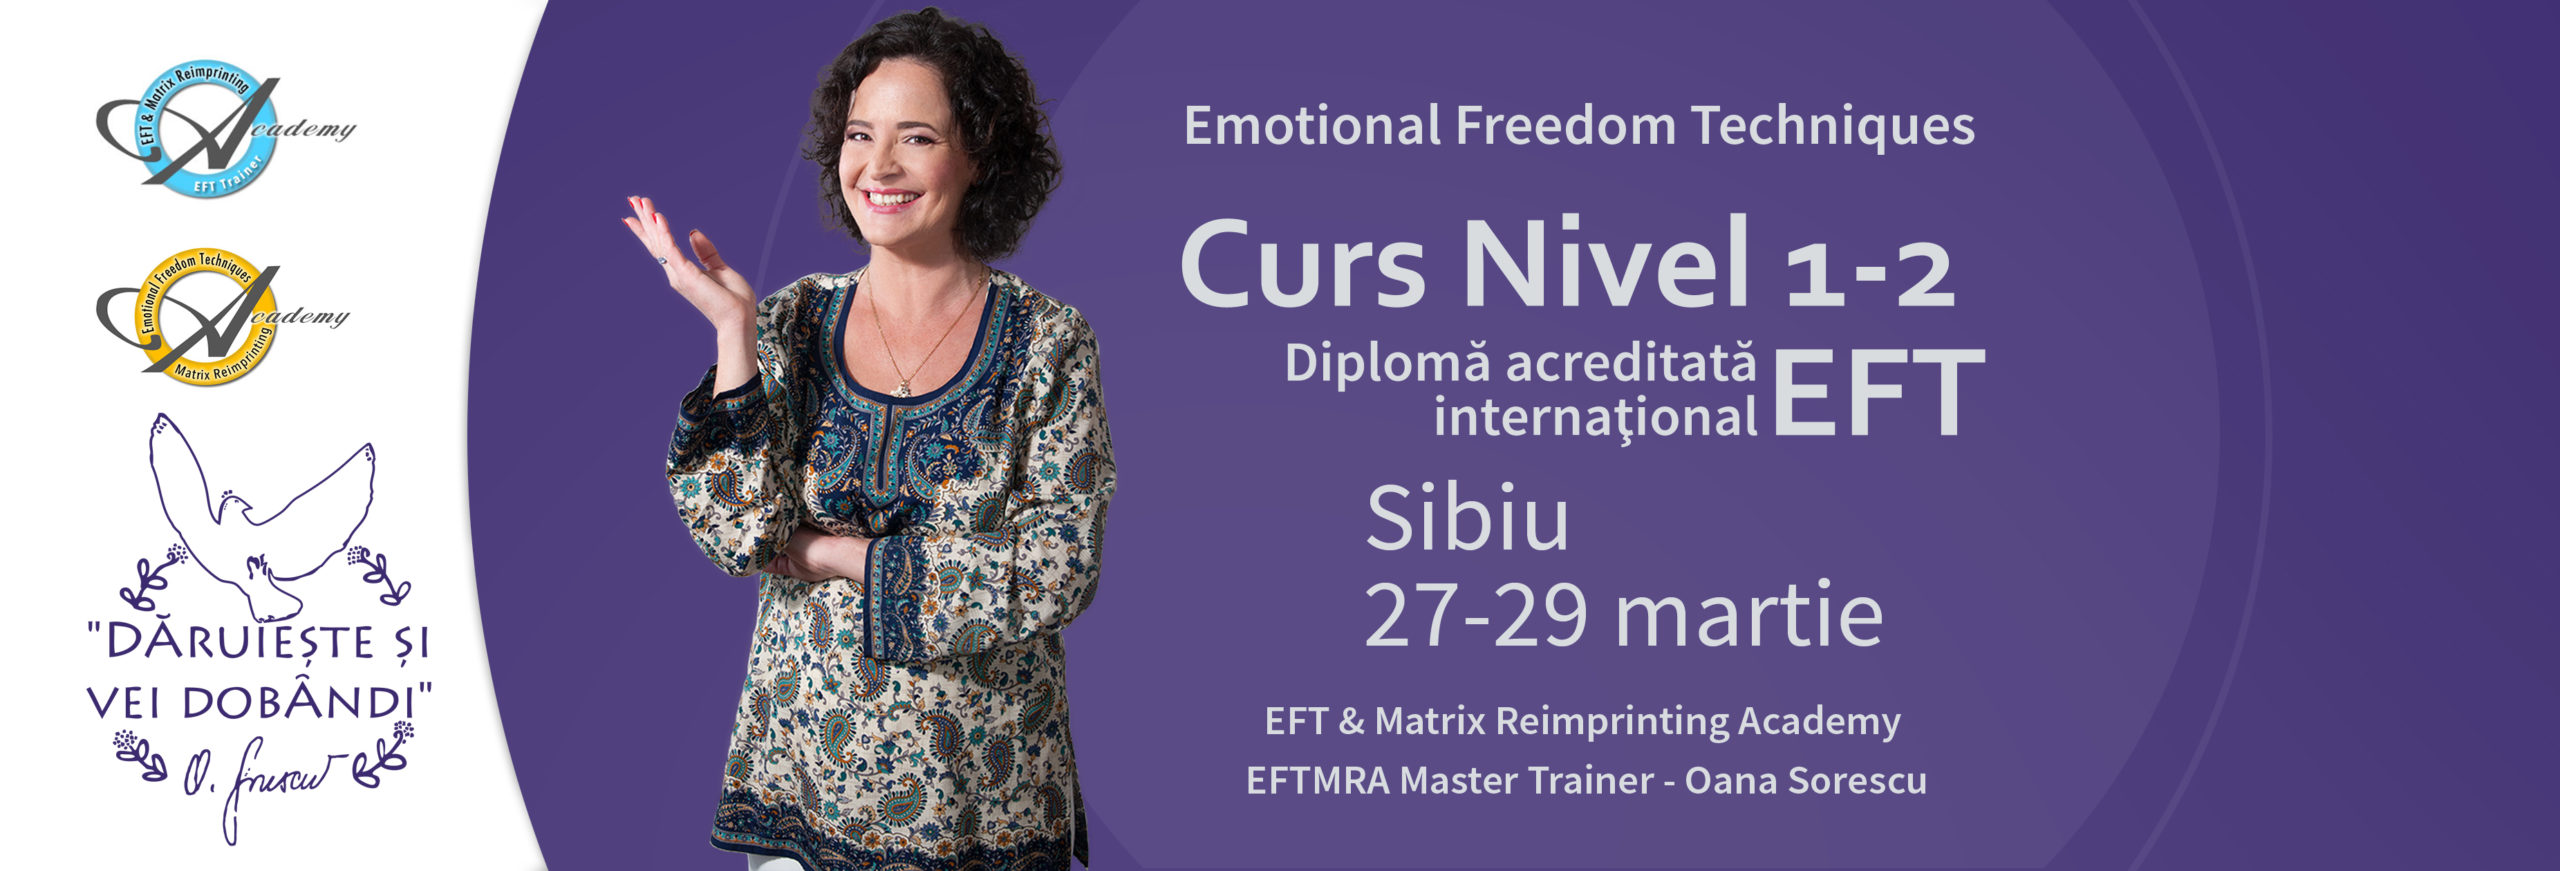 Curs EFT Sibiu